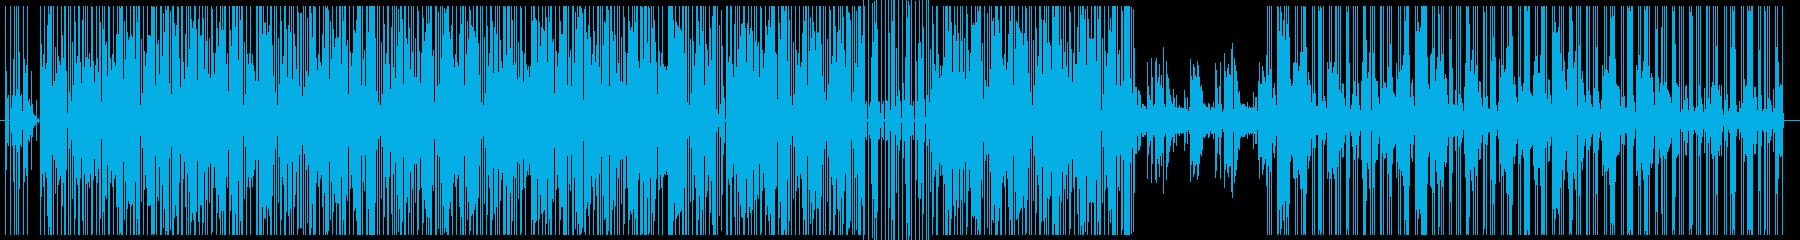 ミドルスクールなピアノが渋いHIPHOPの再生済みの波形